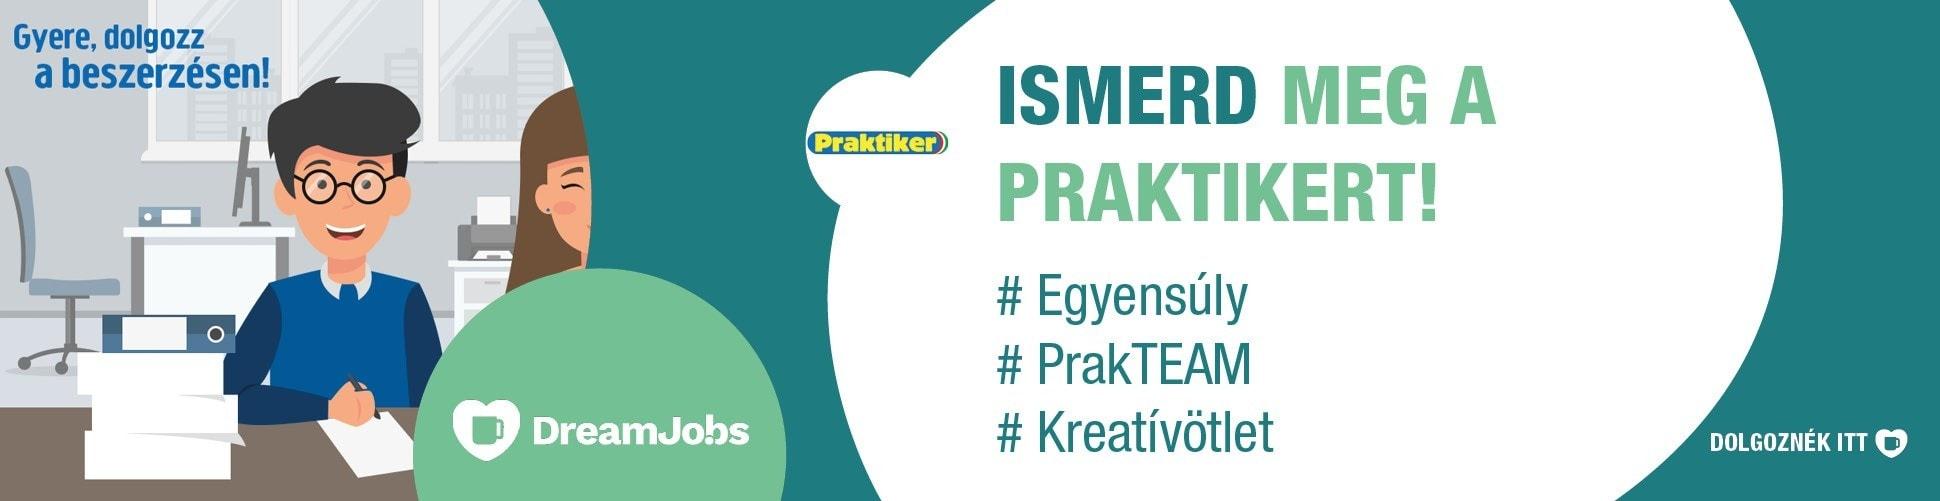 Gold Business Partner_Praktiker-Kft.